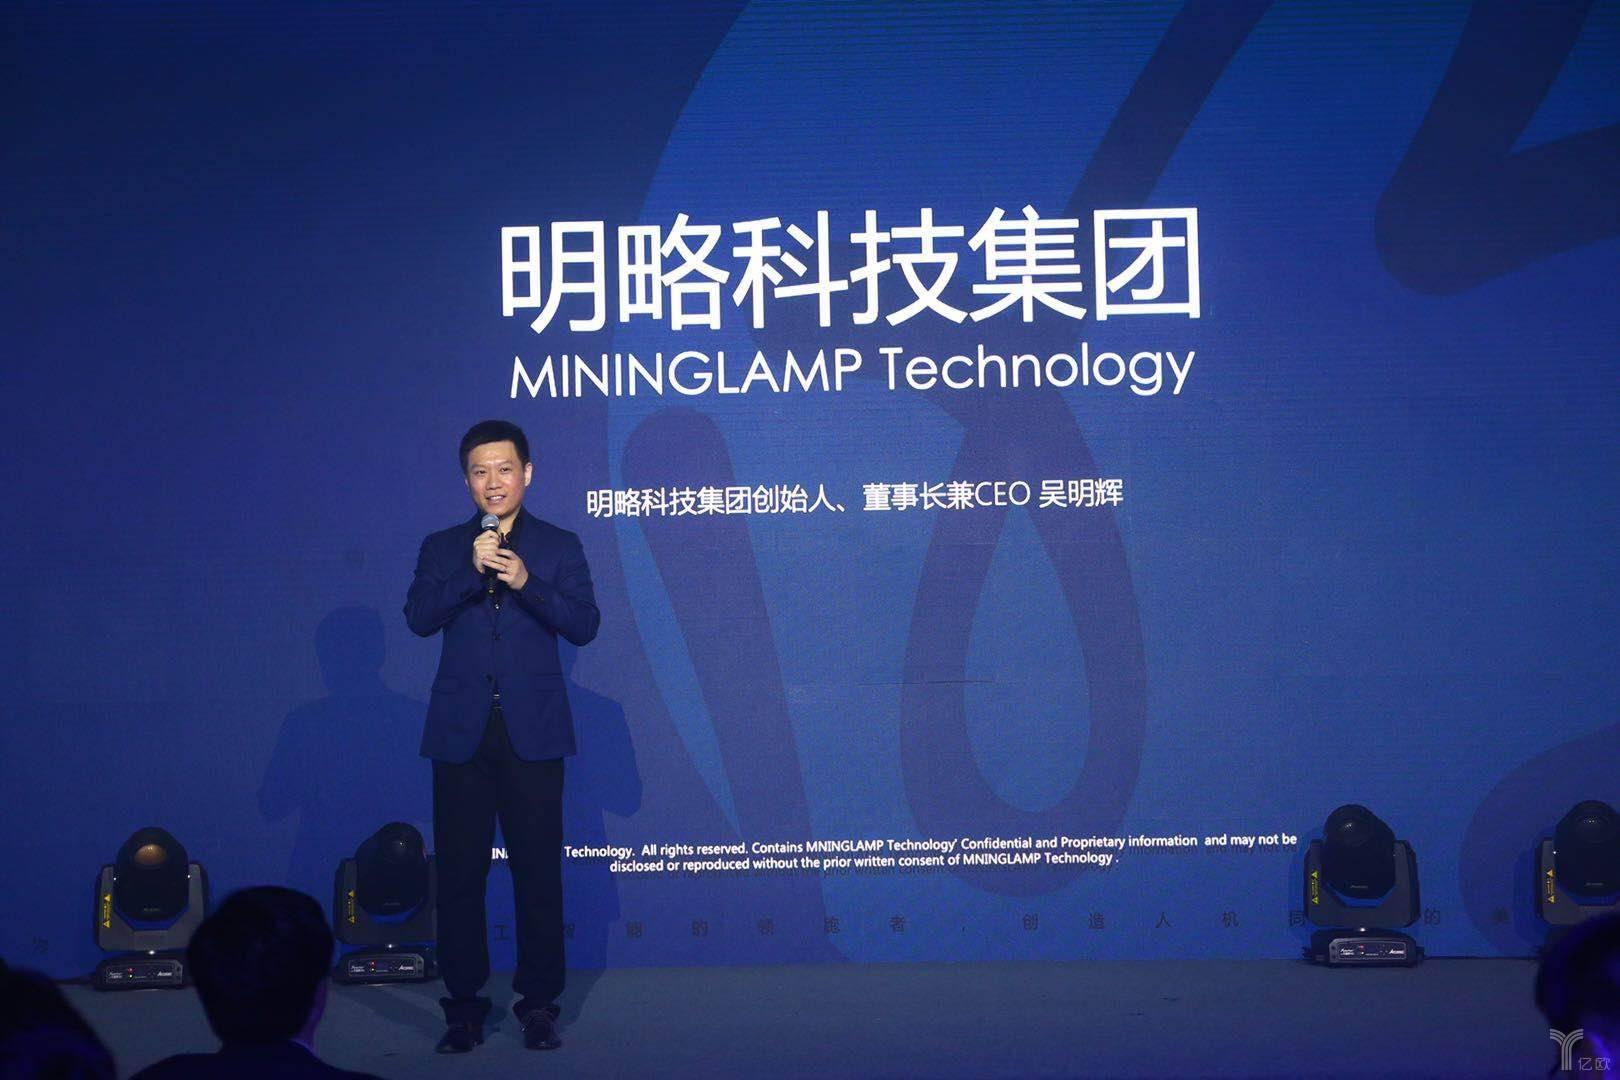 首发丨明略获20亿元D轮融资,升级为明略科技集团